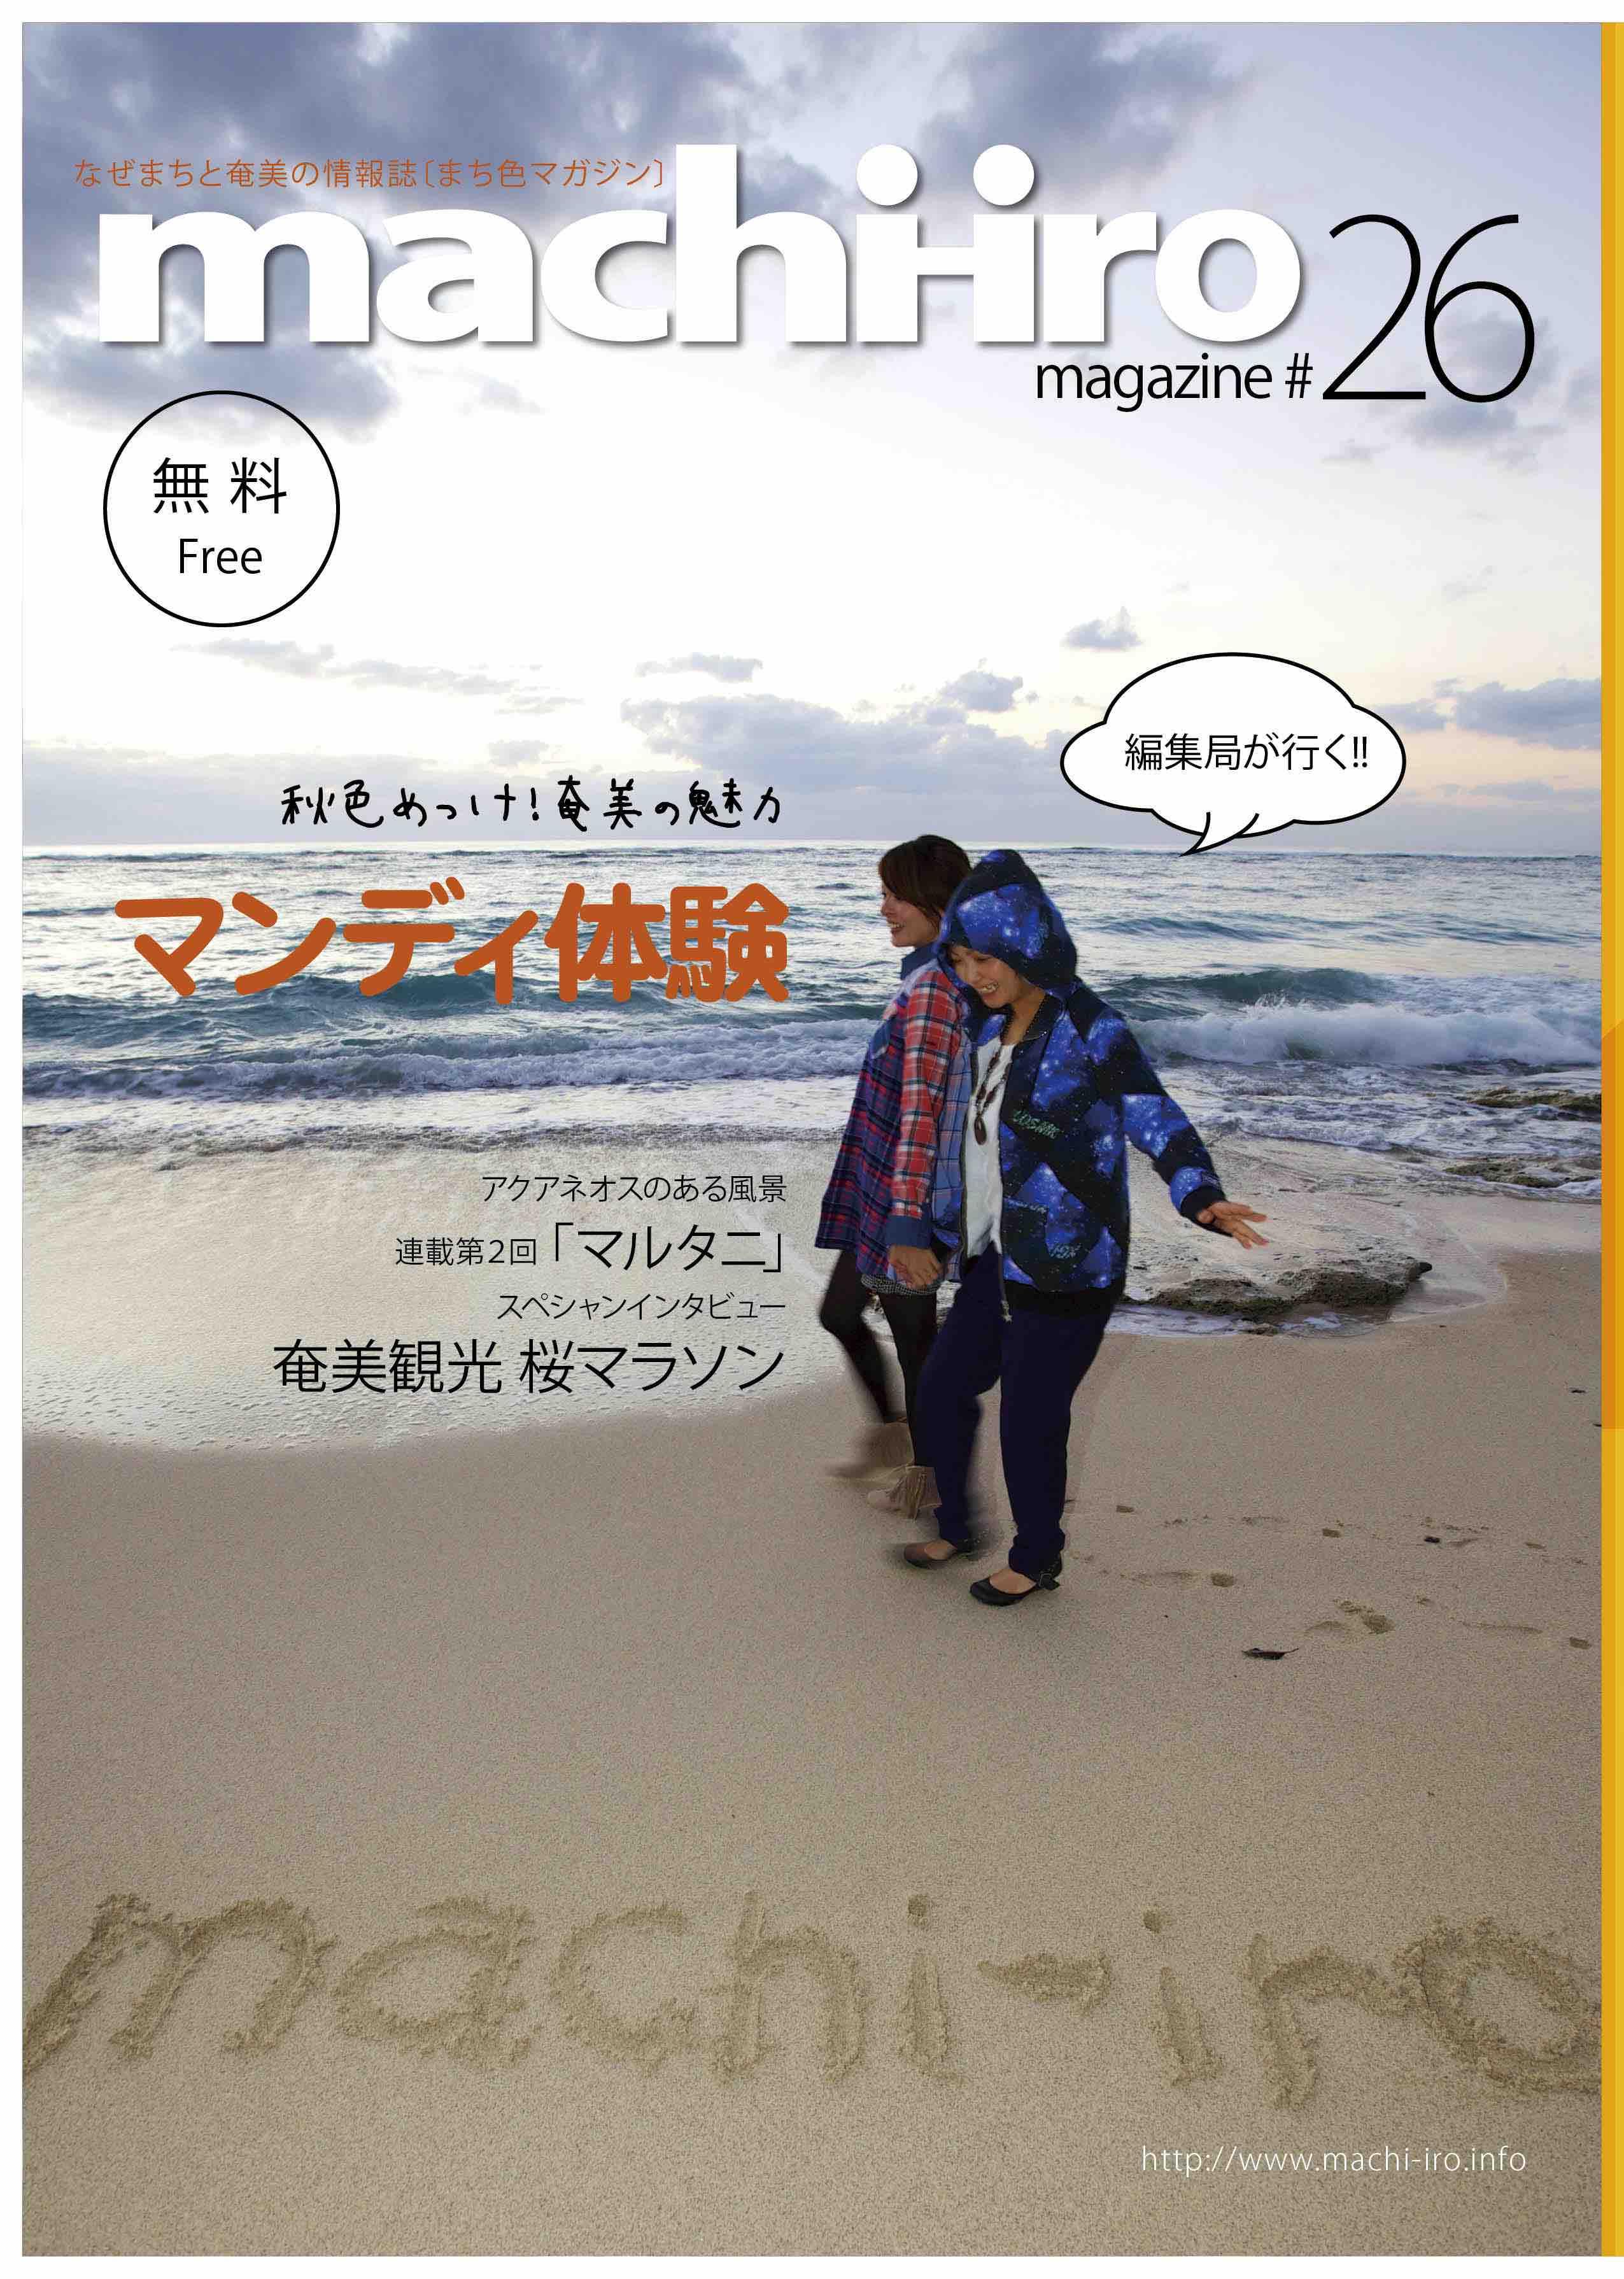 machi-iro magazine #26